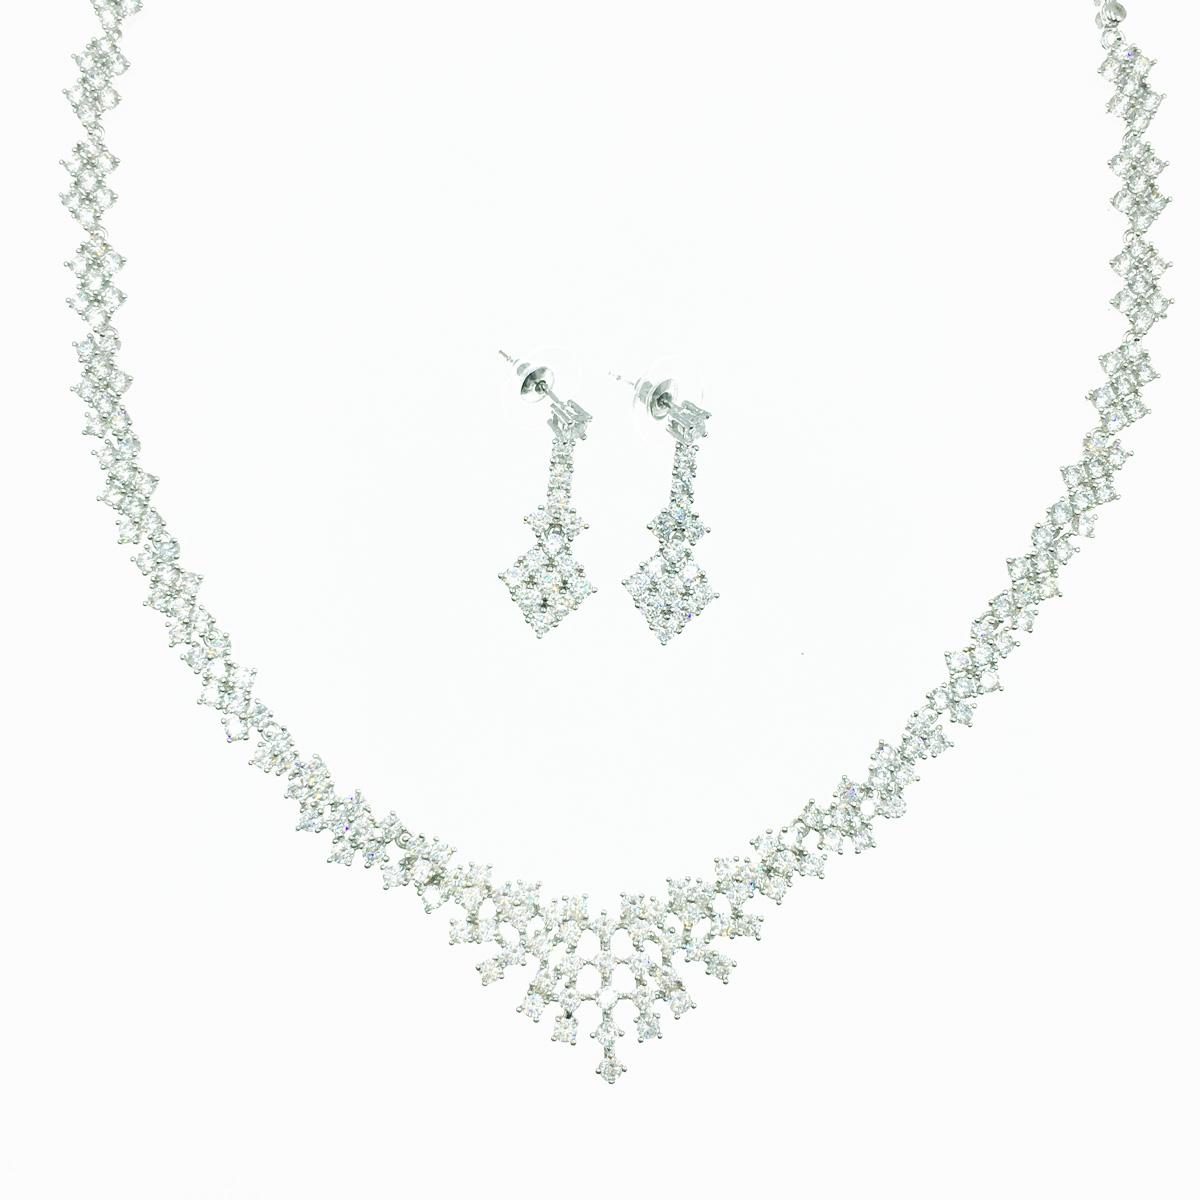 水鑽設計 精緻優雅 耳針式耳環項鍊套組 採用施華洛世奇水晶元素 Crystals from Swarovski